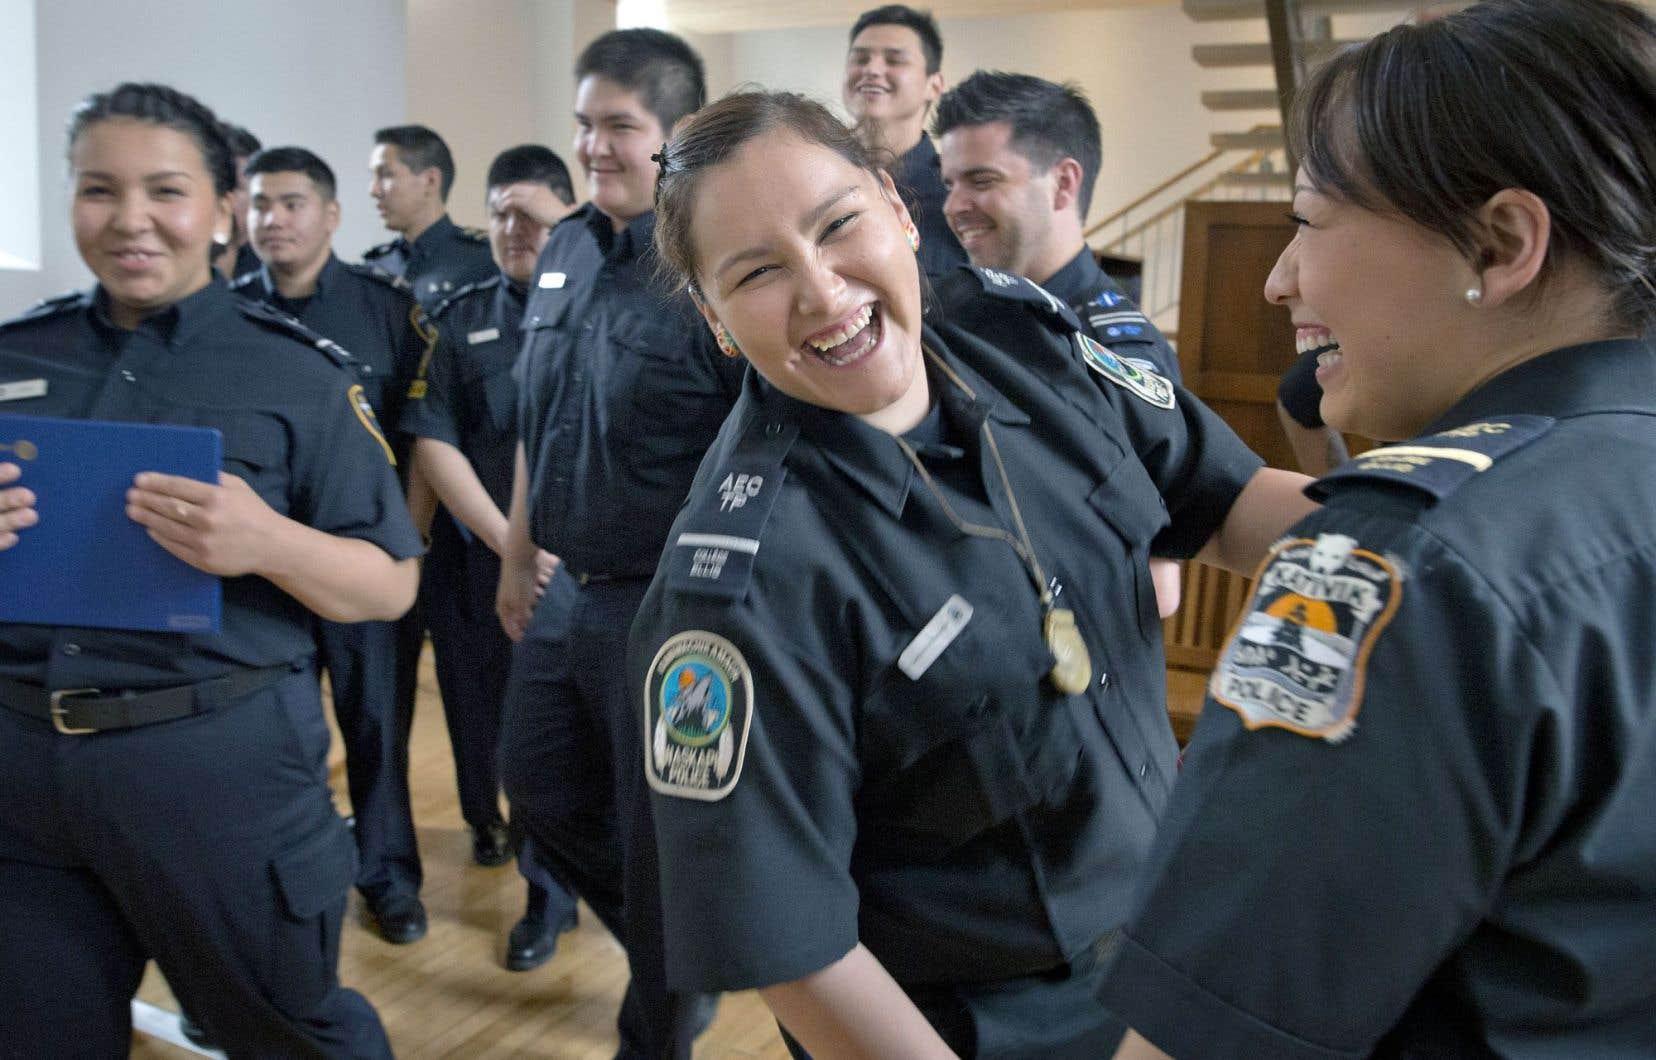 Un rapport du Comité sur la formation en matière d'interaction avec les membres des communautés autochtones, formé en 2016, faisait état des difficultés à recruter de jeunes policiers autochtones.